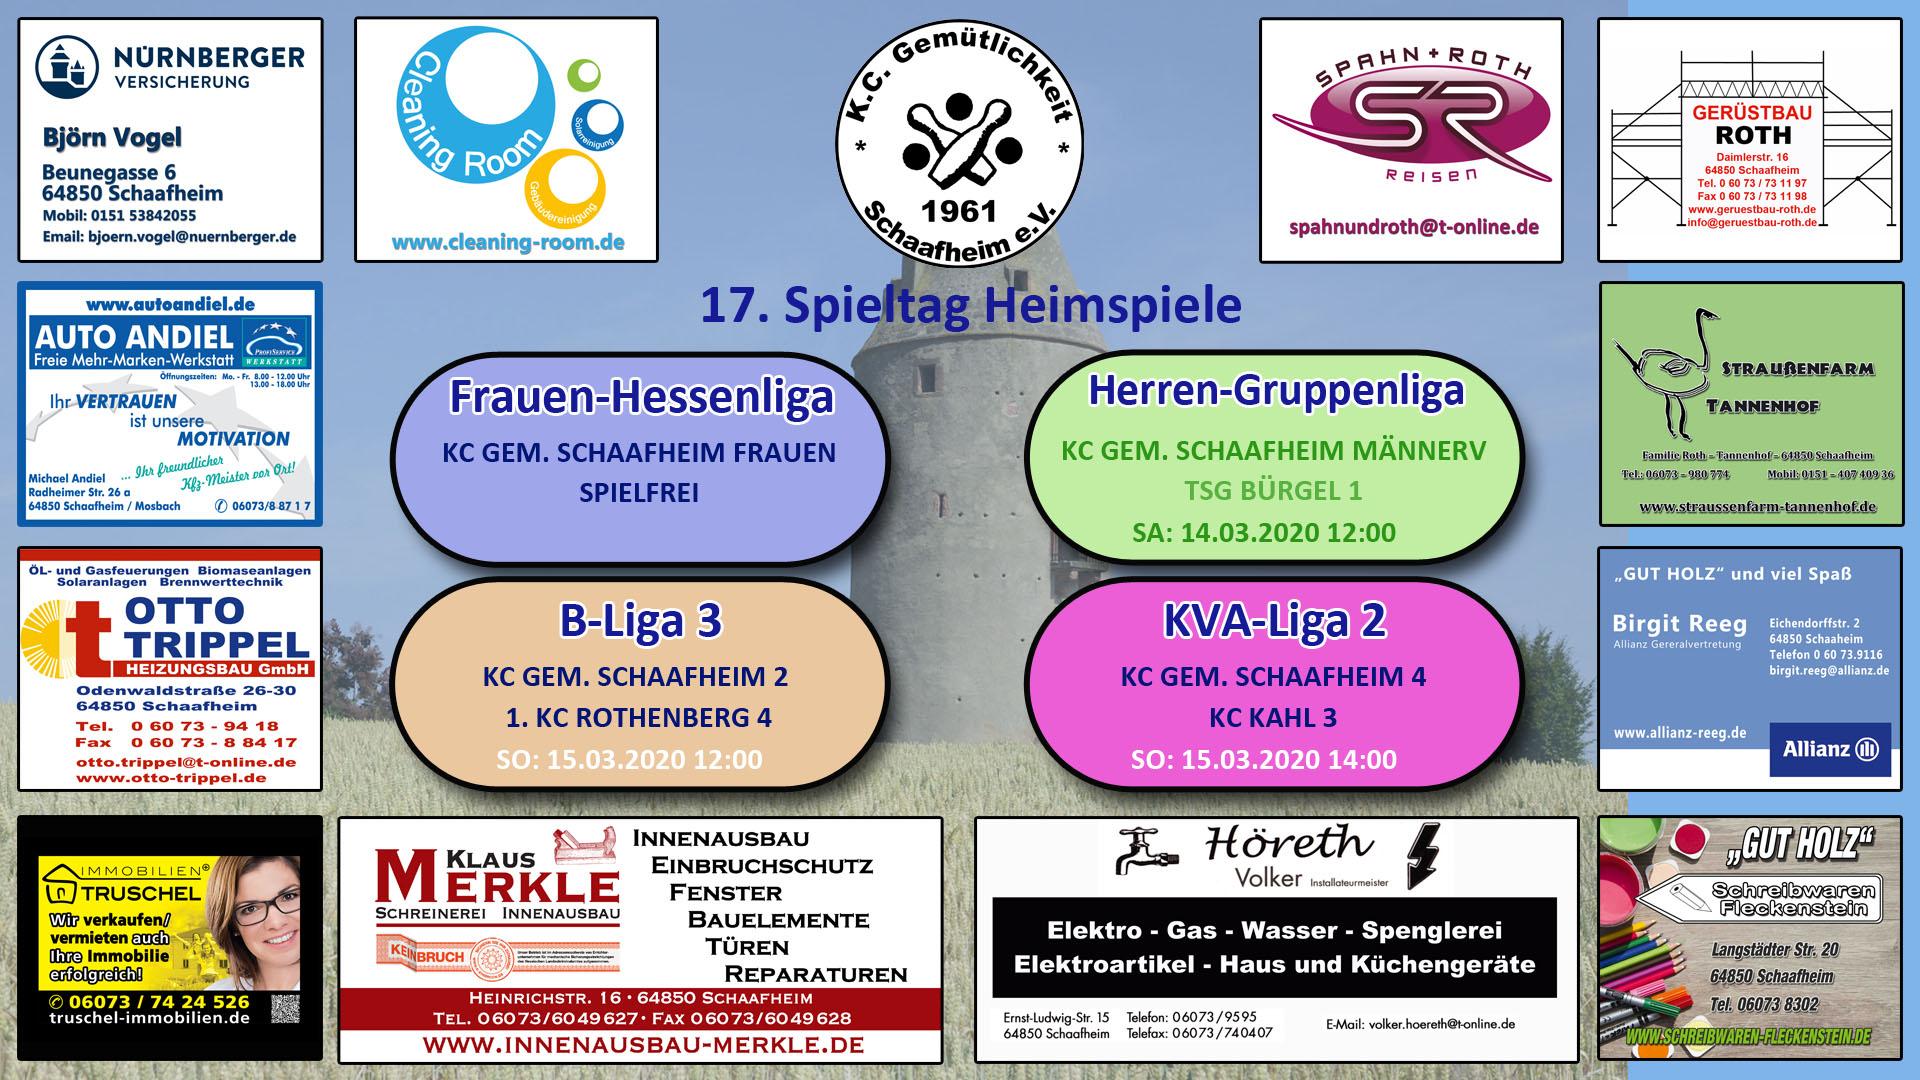 Vorschau 17. Spieltag 2019/2020: Am Wochenende den 14.3./15.03.2020 begrüßen wir die Kegelfreunde von TSG Bürgel, KC Tothenbergen und KC Kahl auf unseren Kegelbahnen.